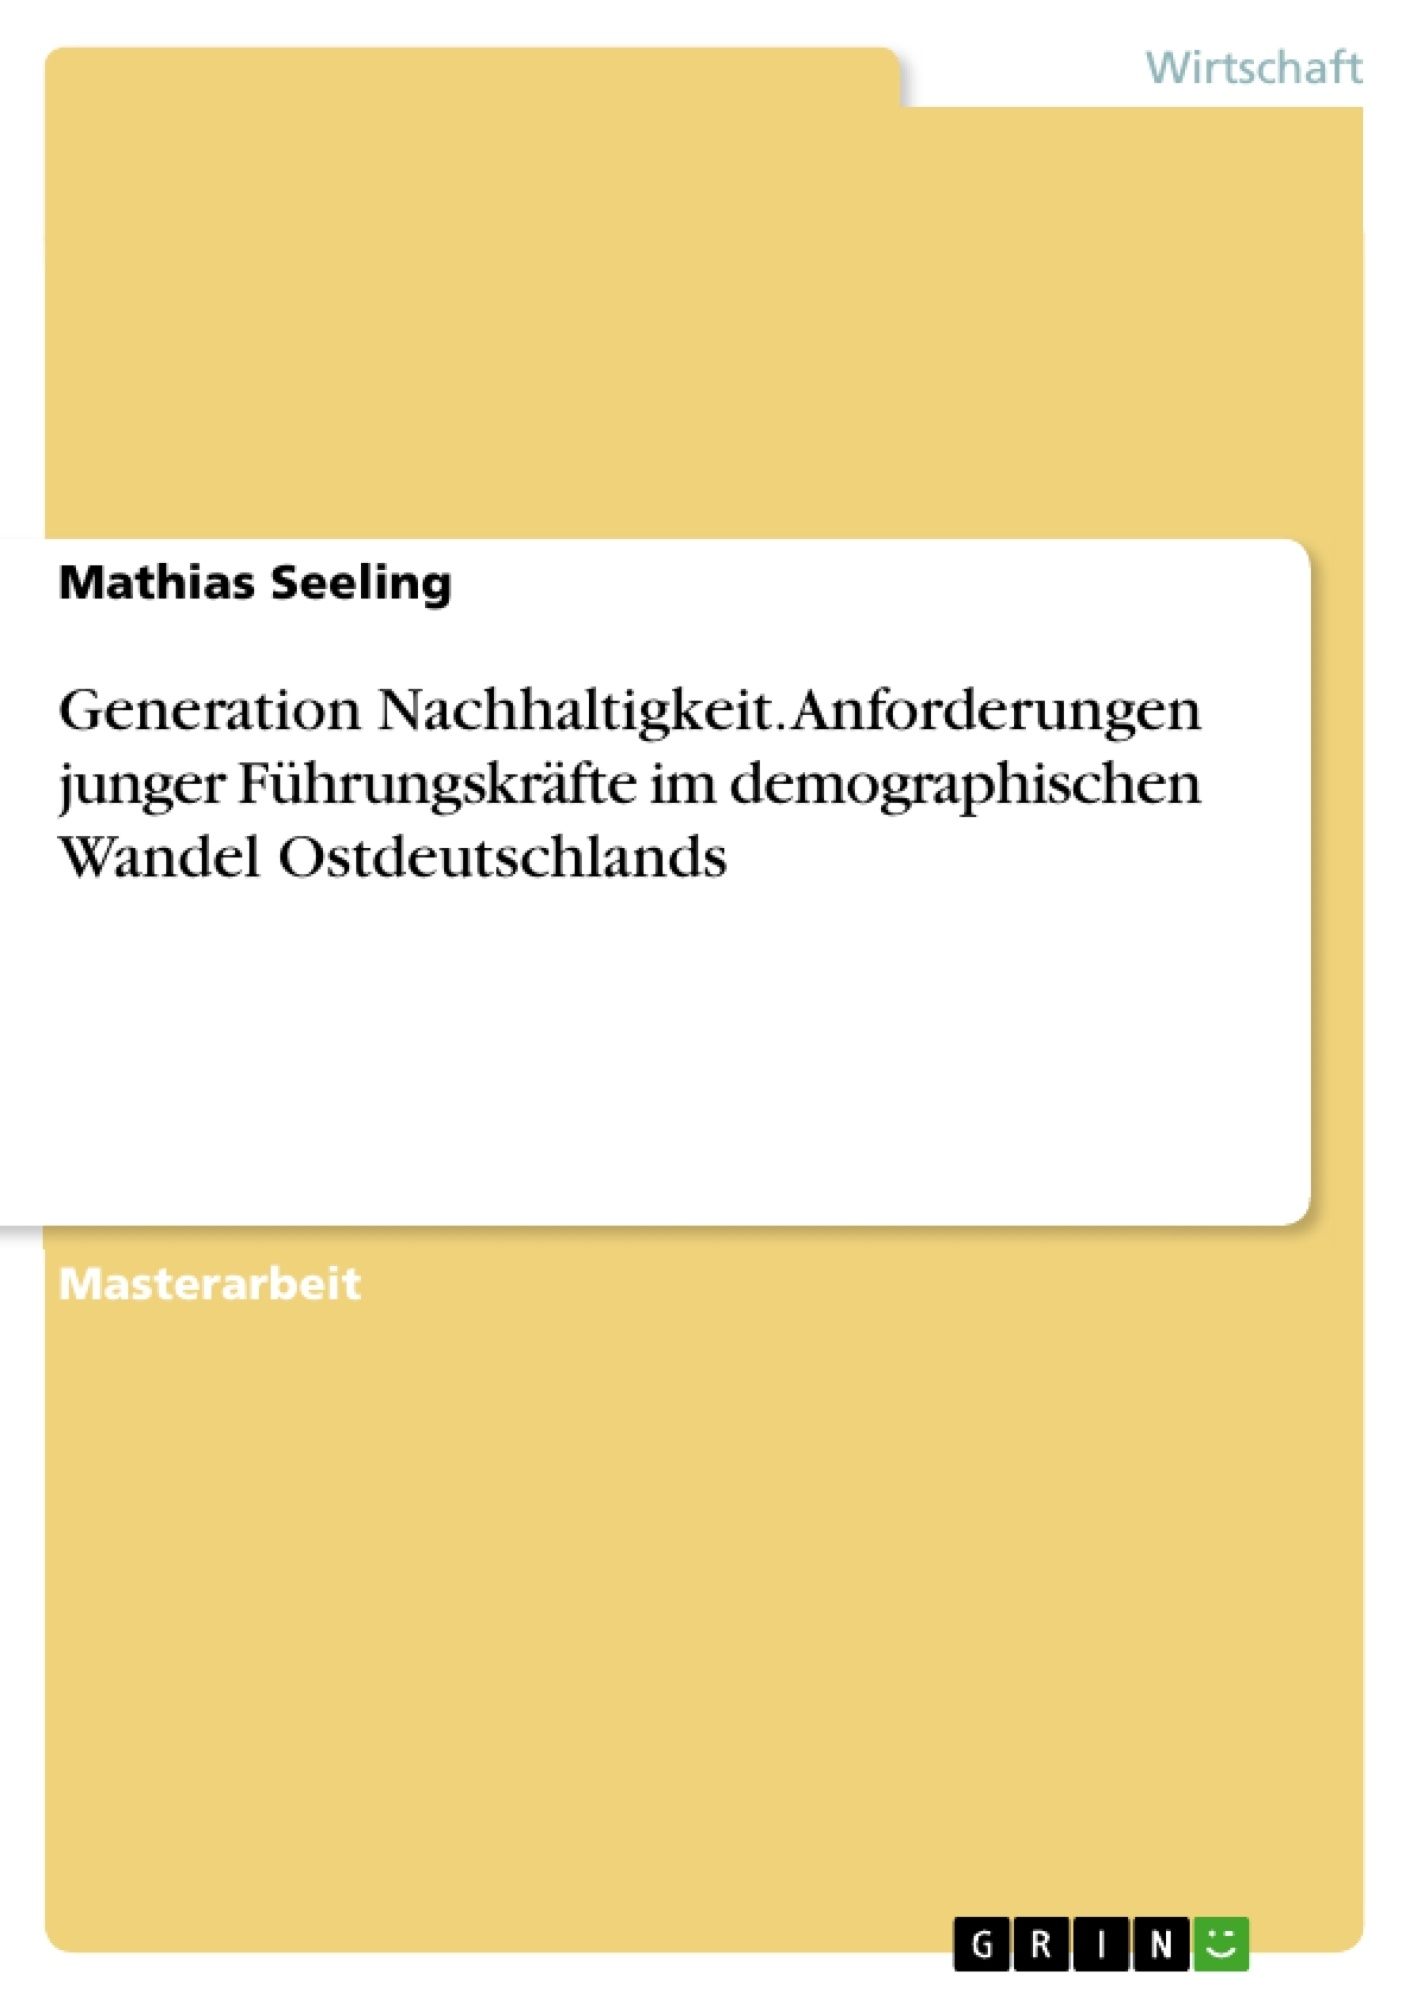 Titel: Generation Nachhaltigkeit. Anforderungen junger Führungskräfte im demographischen Wandel Ostdeutschlands